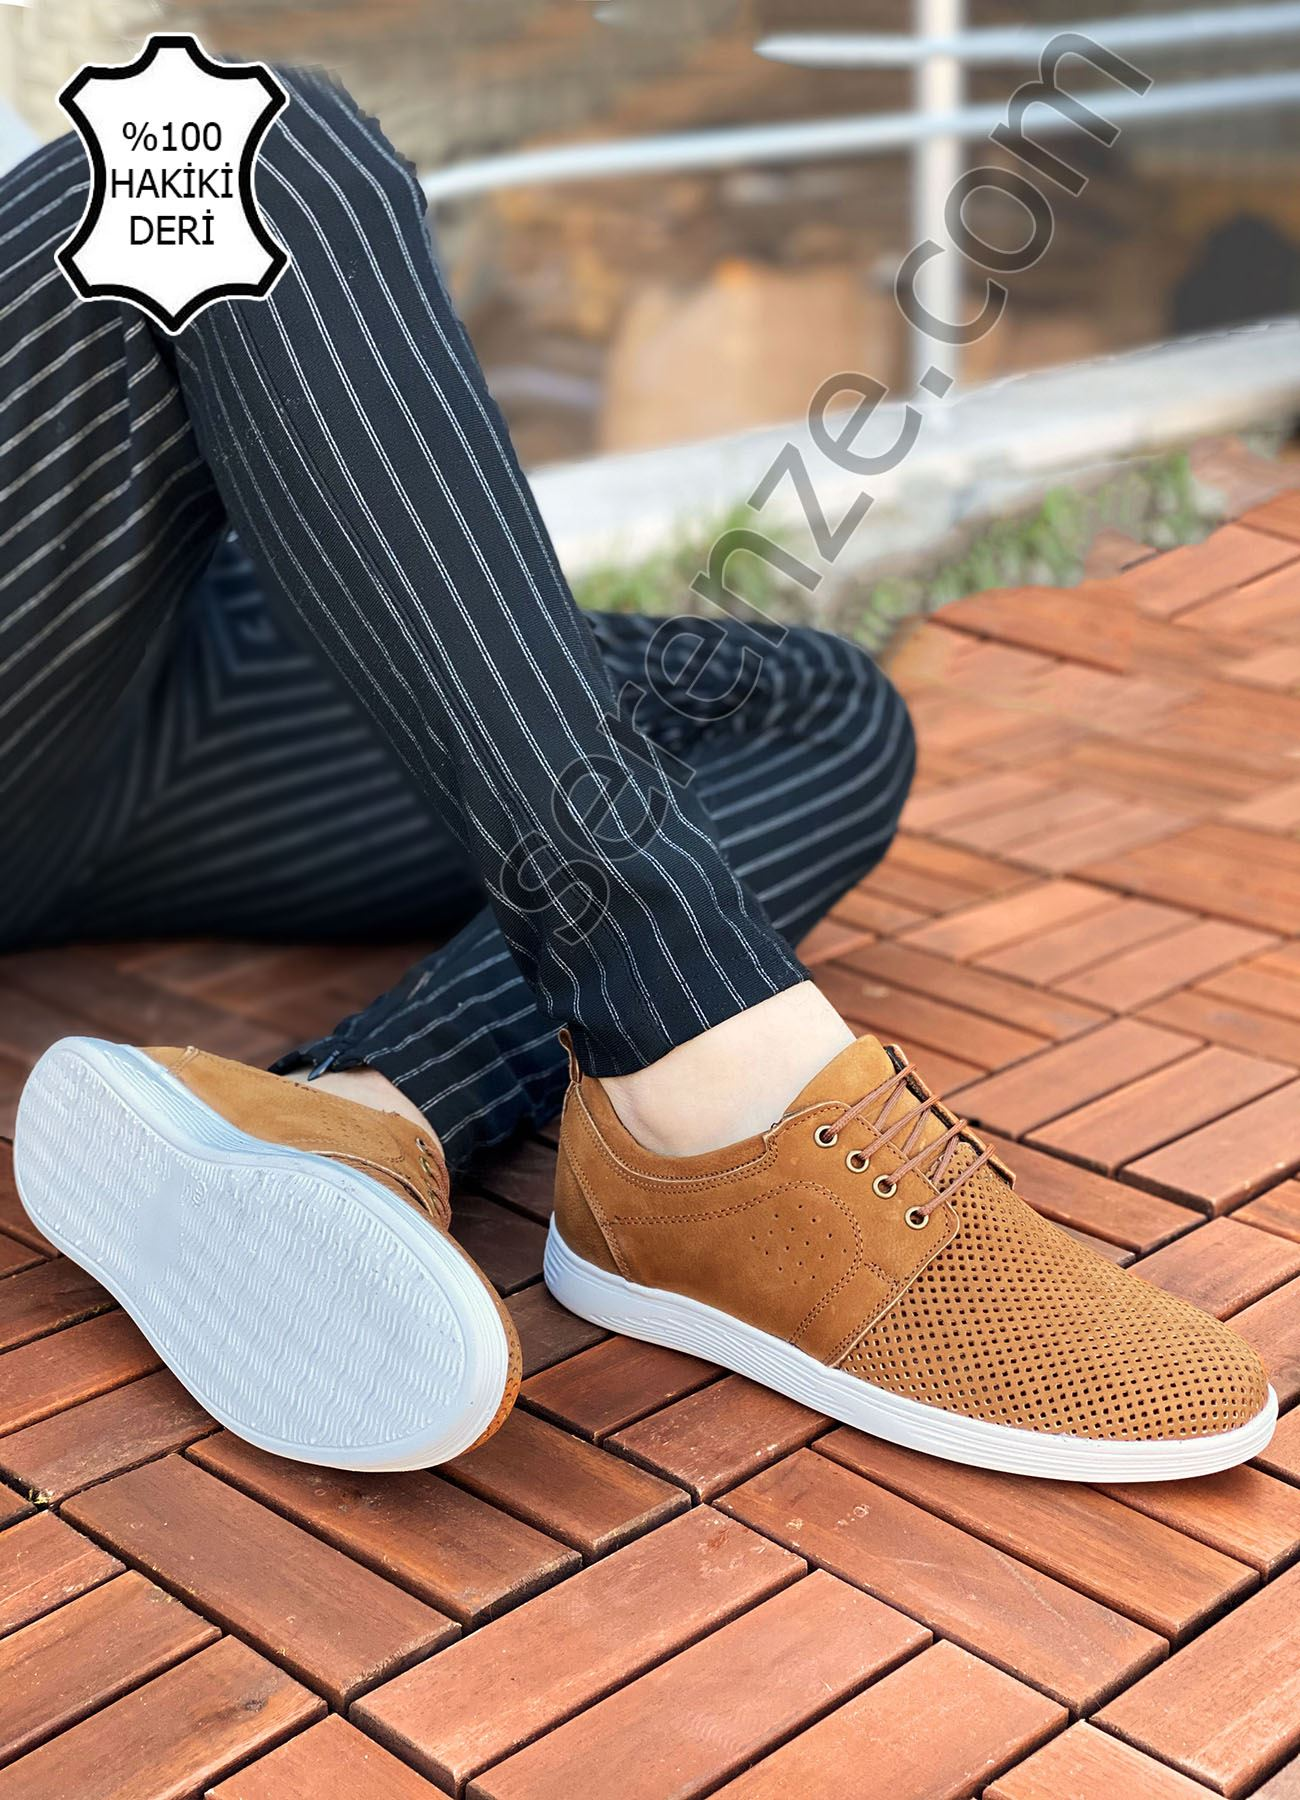 Taba Hakiki Deri Delikli Spor Model Erkek Ayakkabı